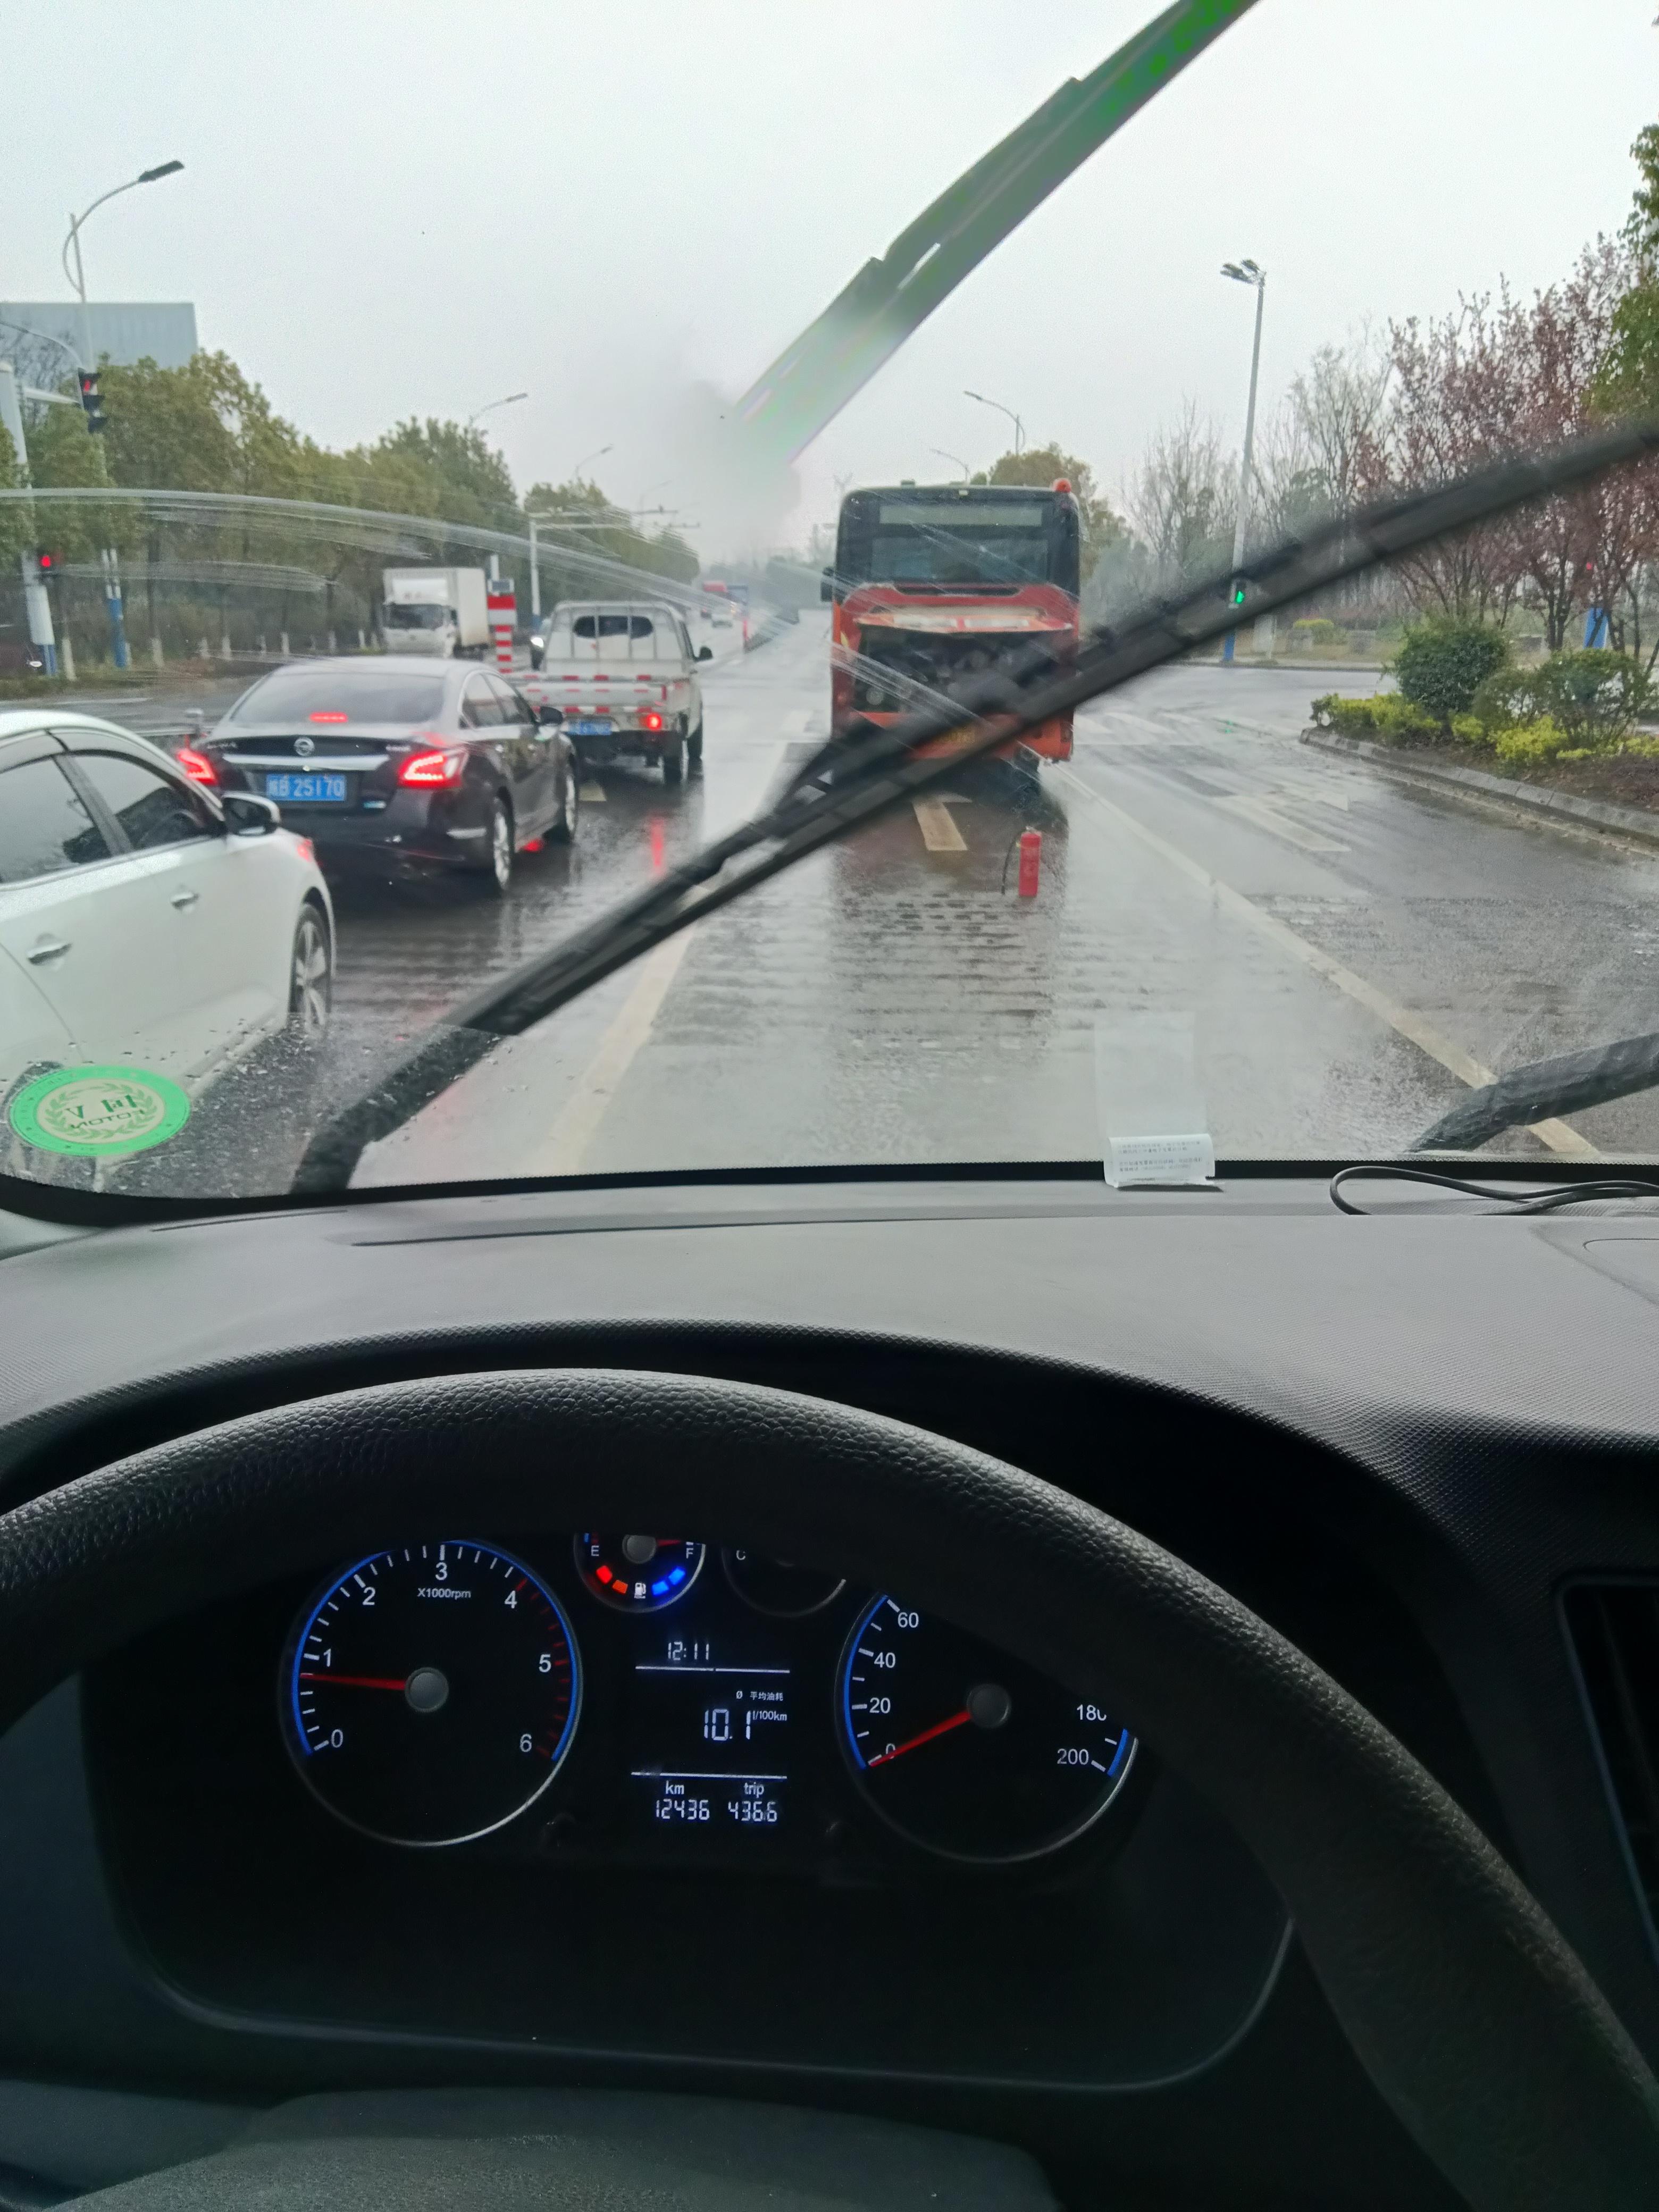 福田-图雅诺EV高速公路突然熄火刹车踩不差点丧命